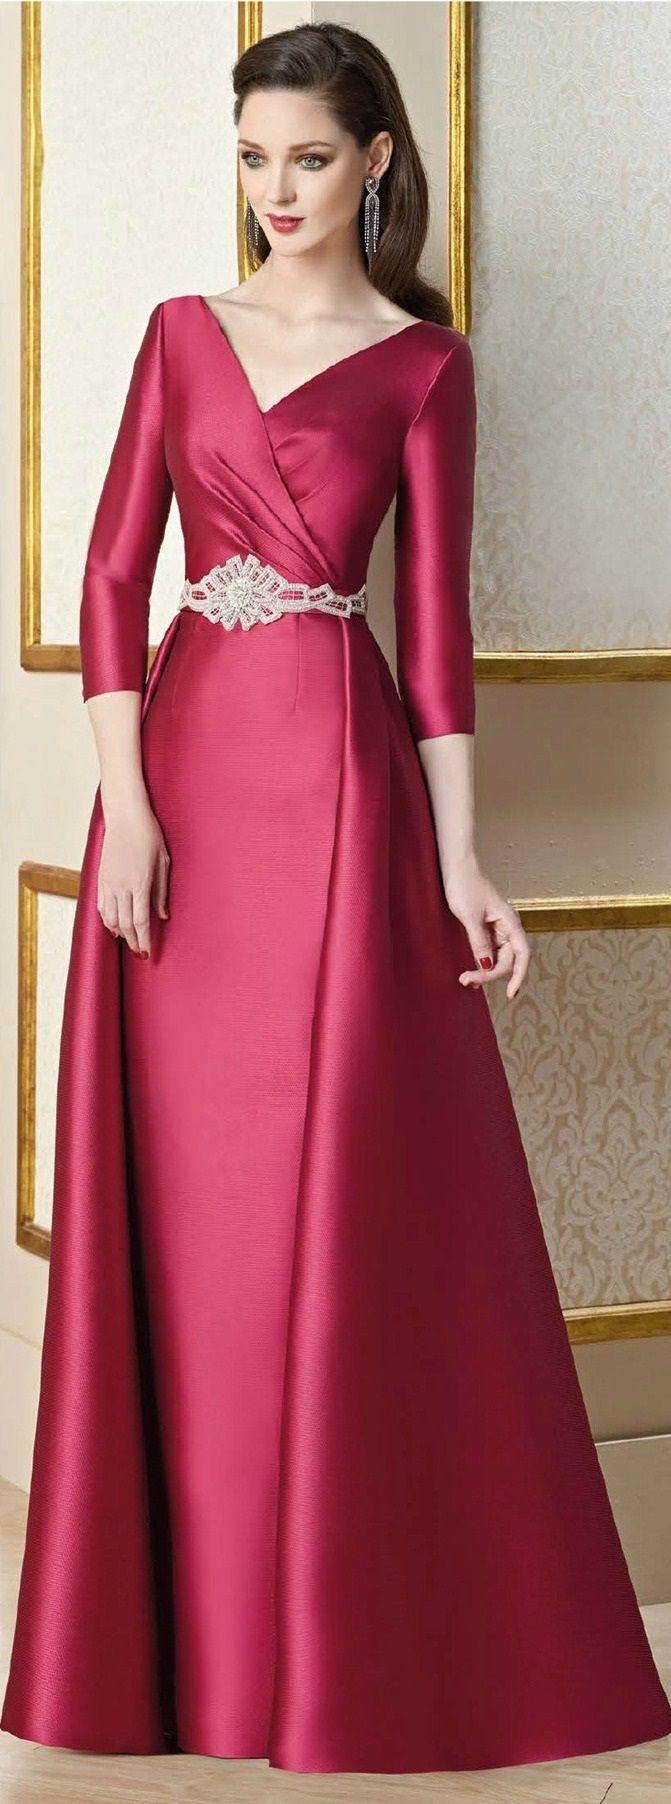 Modestia y elegancia | vestidos modestos | Pinterest | Vestiditos ...